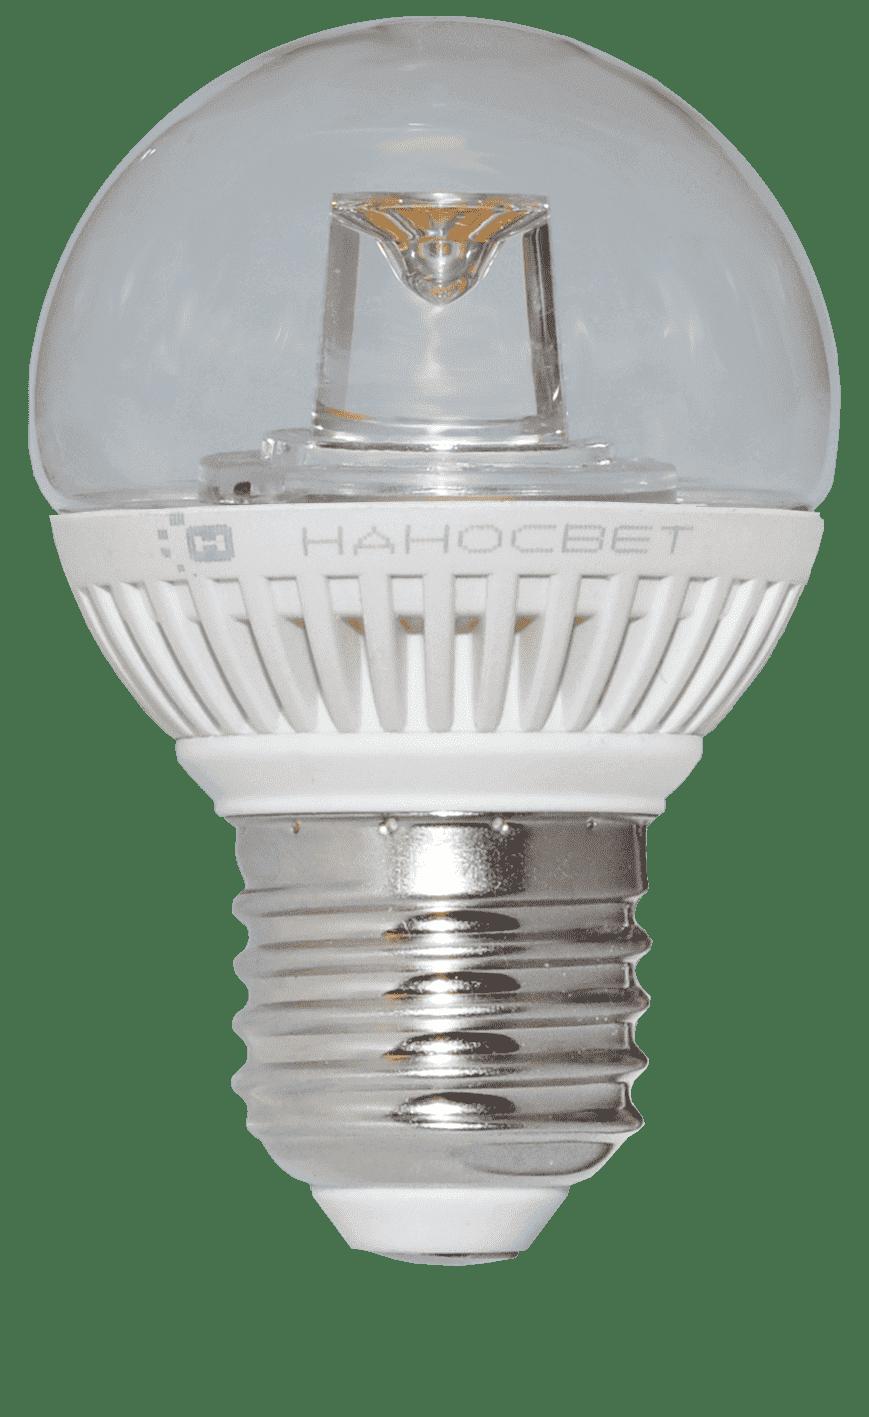 Светодиодная лампа НАНОСВЕТ LC-GCL-5/E27/827 арт. L141